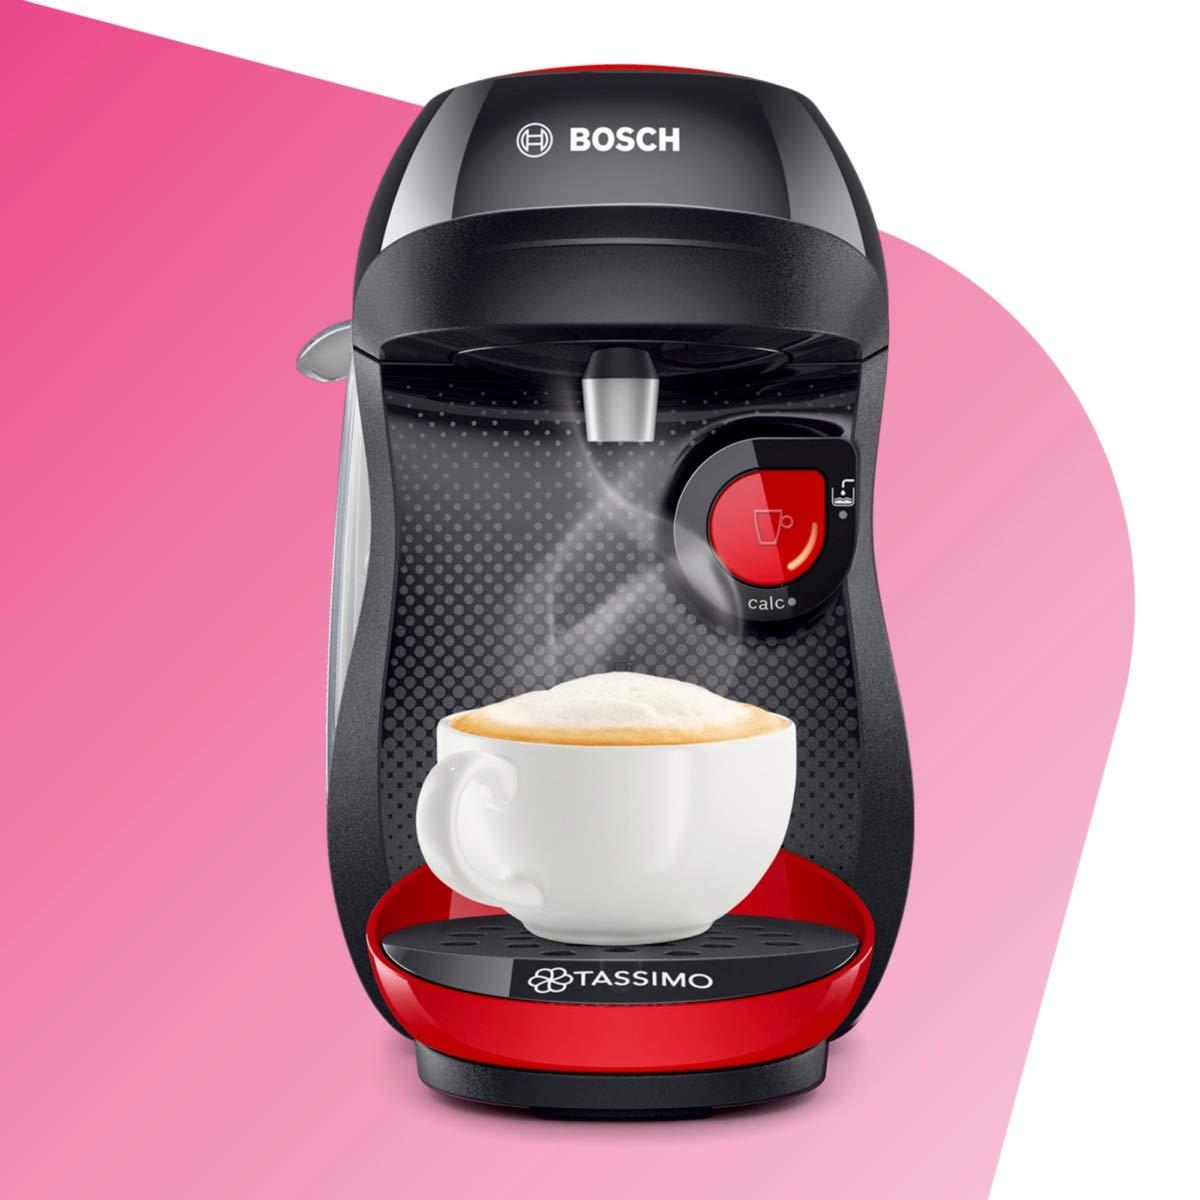 Bosch Tas1003 Cafetera Monodosis Multibebida, 1400 W, 0.7 litros, plástico, Rojo/Negro